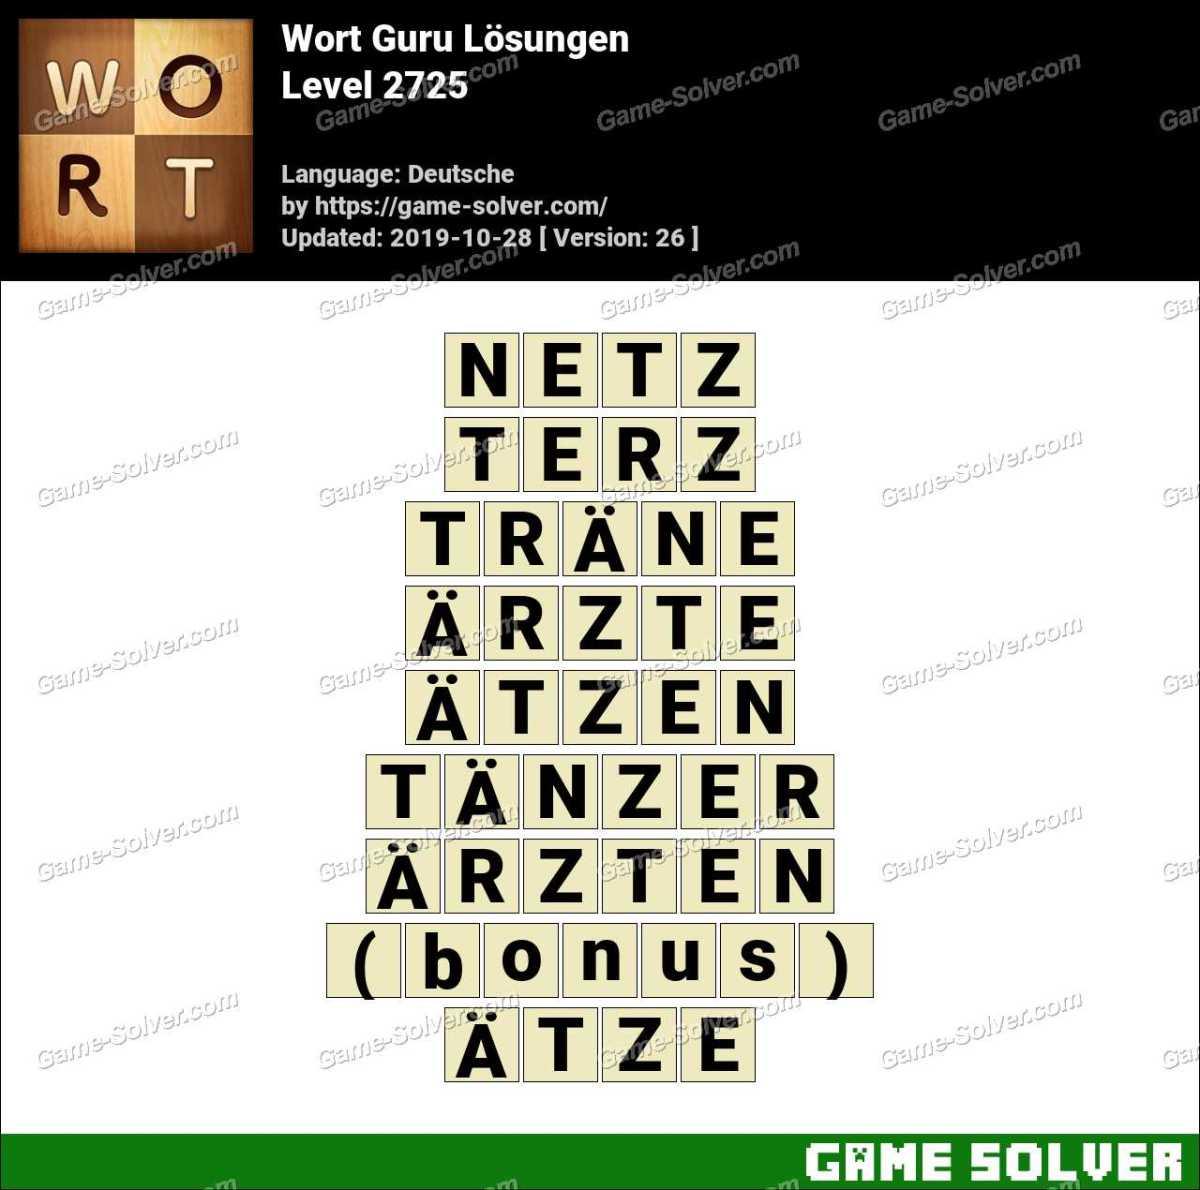 Wort Guru Level 2725 Lösungen